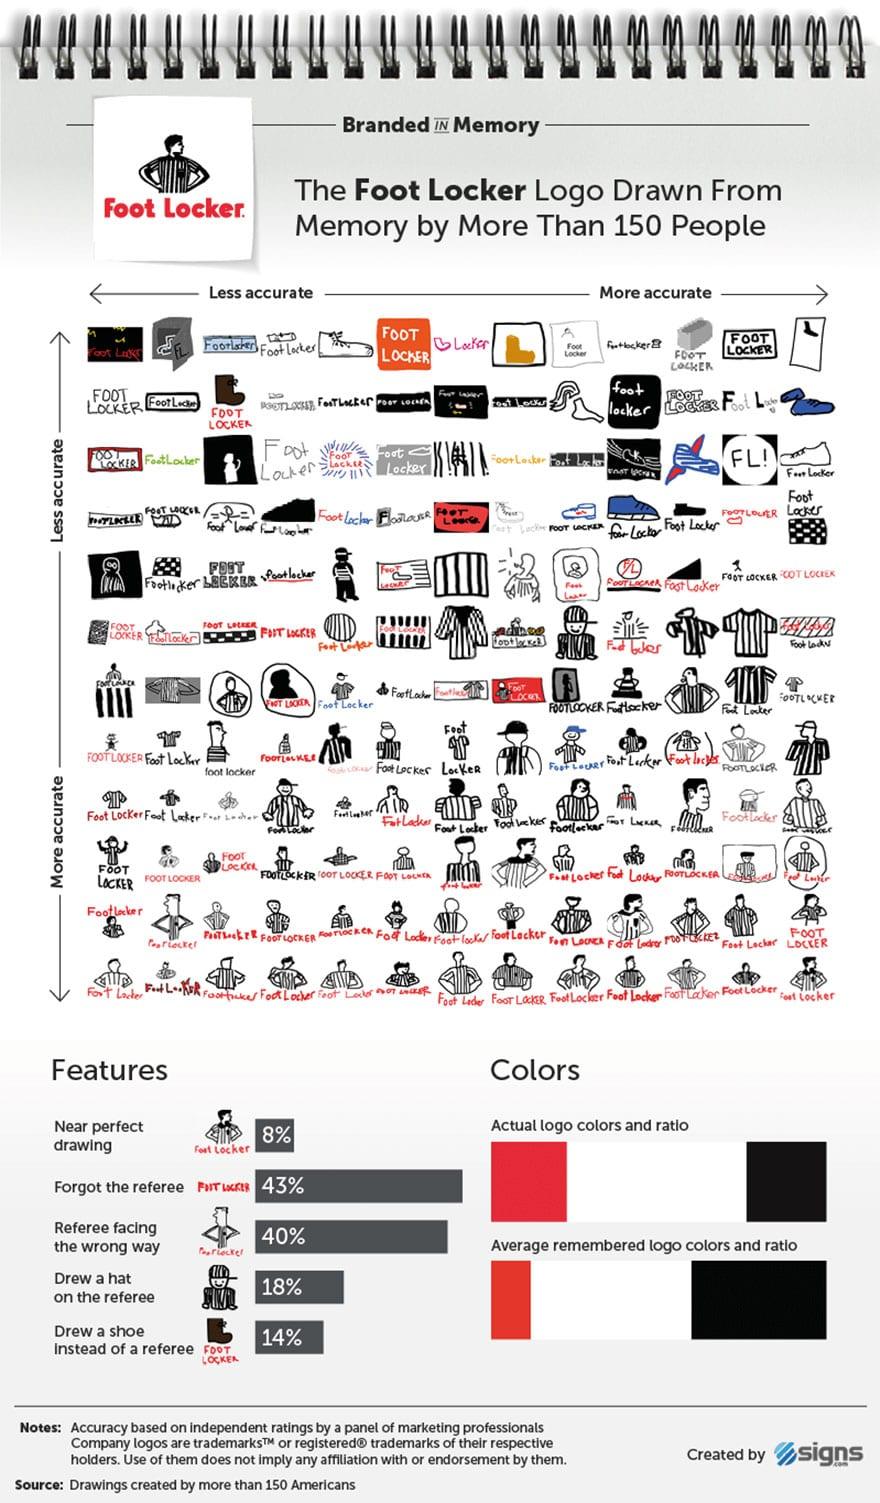 famous brand logos drawn from memory 18 59d24660bb072  880 - Více než 150 lidí se pokusilo nakreslit 10 velmi slavných log zpaměti. Výsledky pobaví